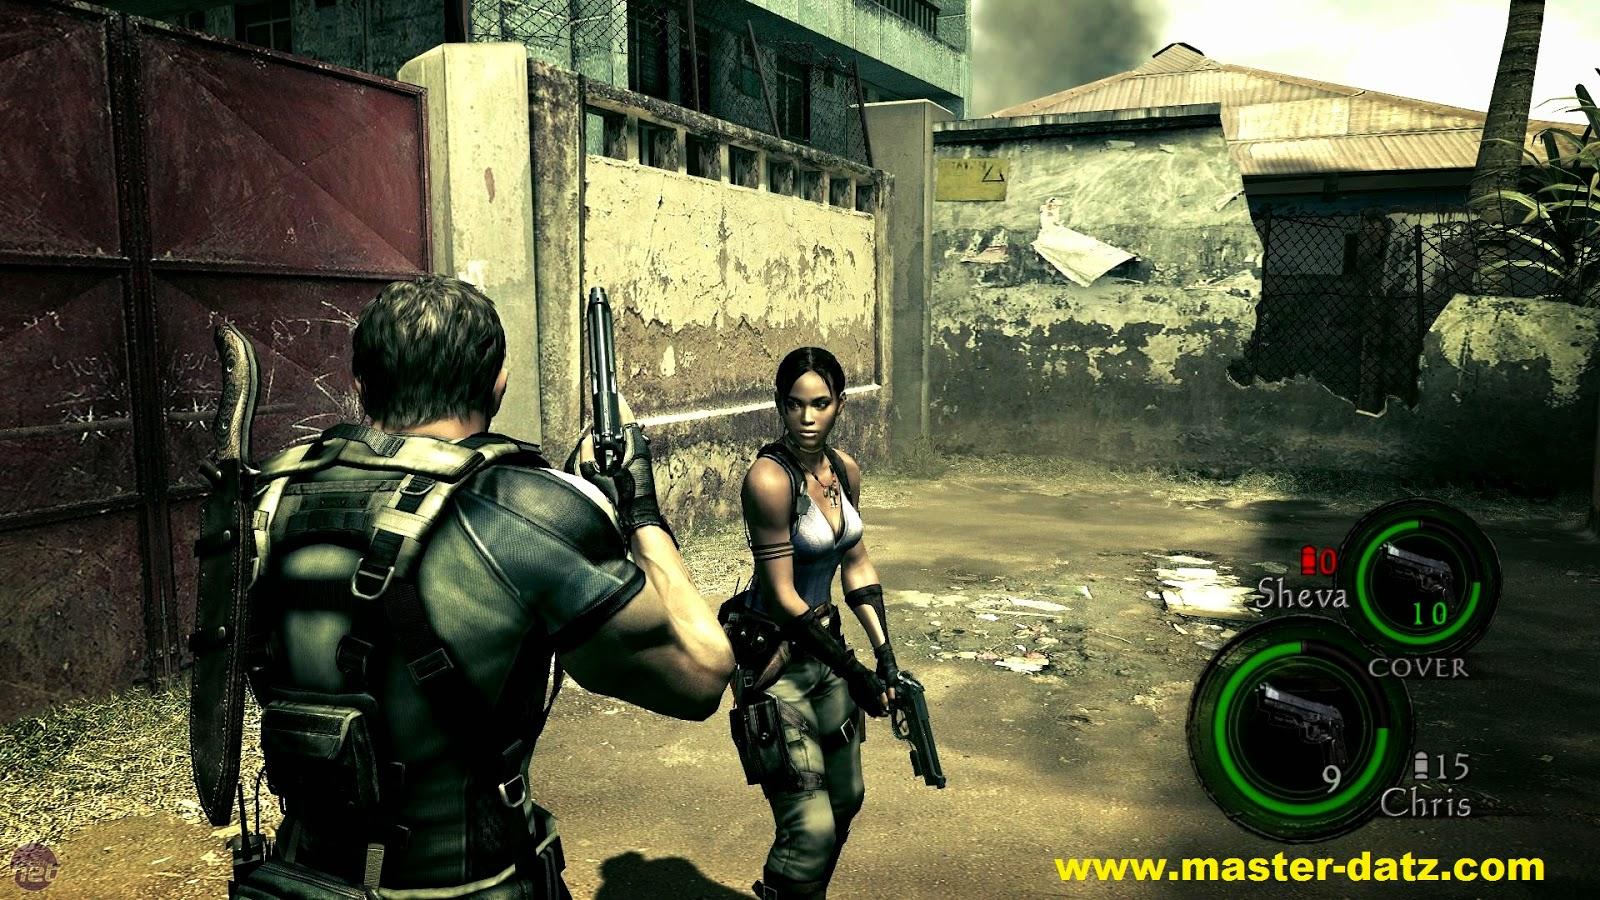 http://2.bp.blogspot.com/-i7doJRhbnI8/U_7oIfY25GI/AAAAAAAABwo/K8Z7-drqUfQ/s1600/Resident-Evil-5-Free-Download.jpg